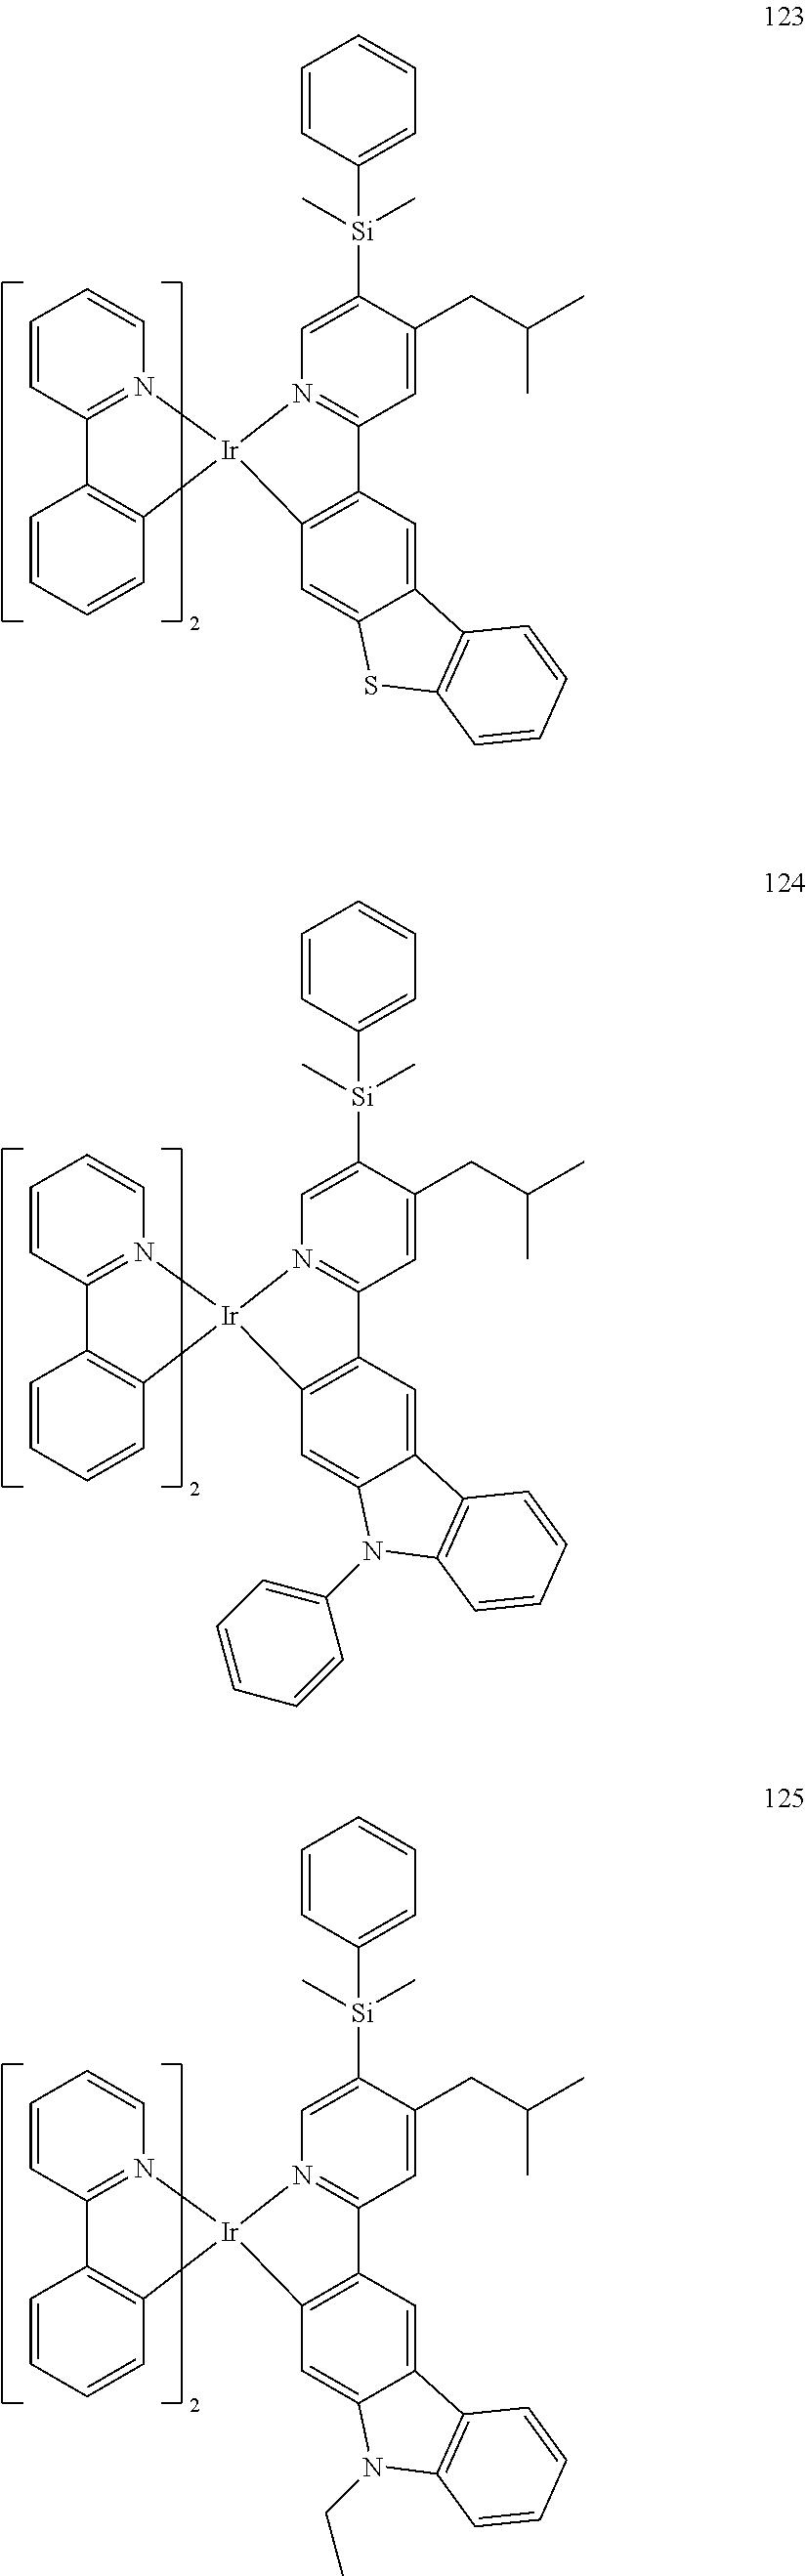 Figure US20160155962A1-20160602-C00365